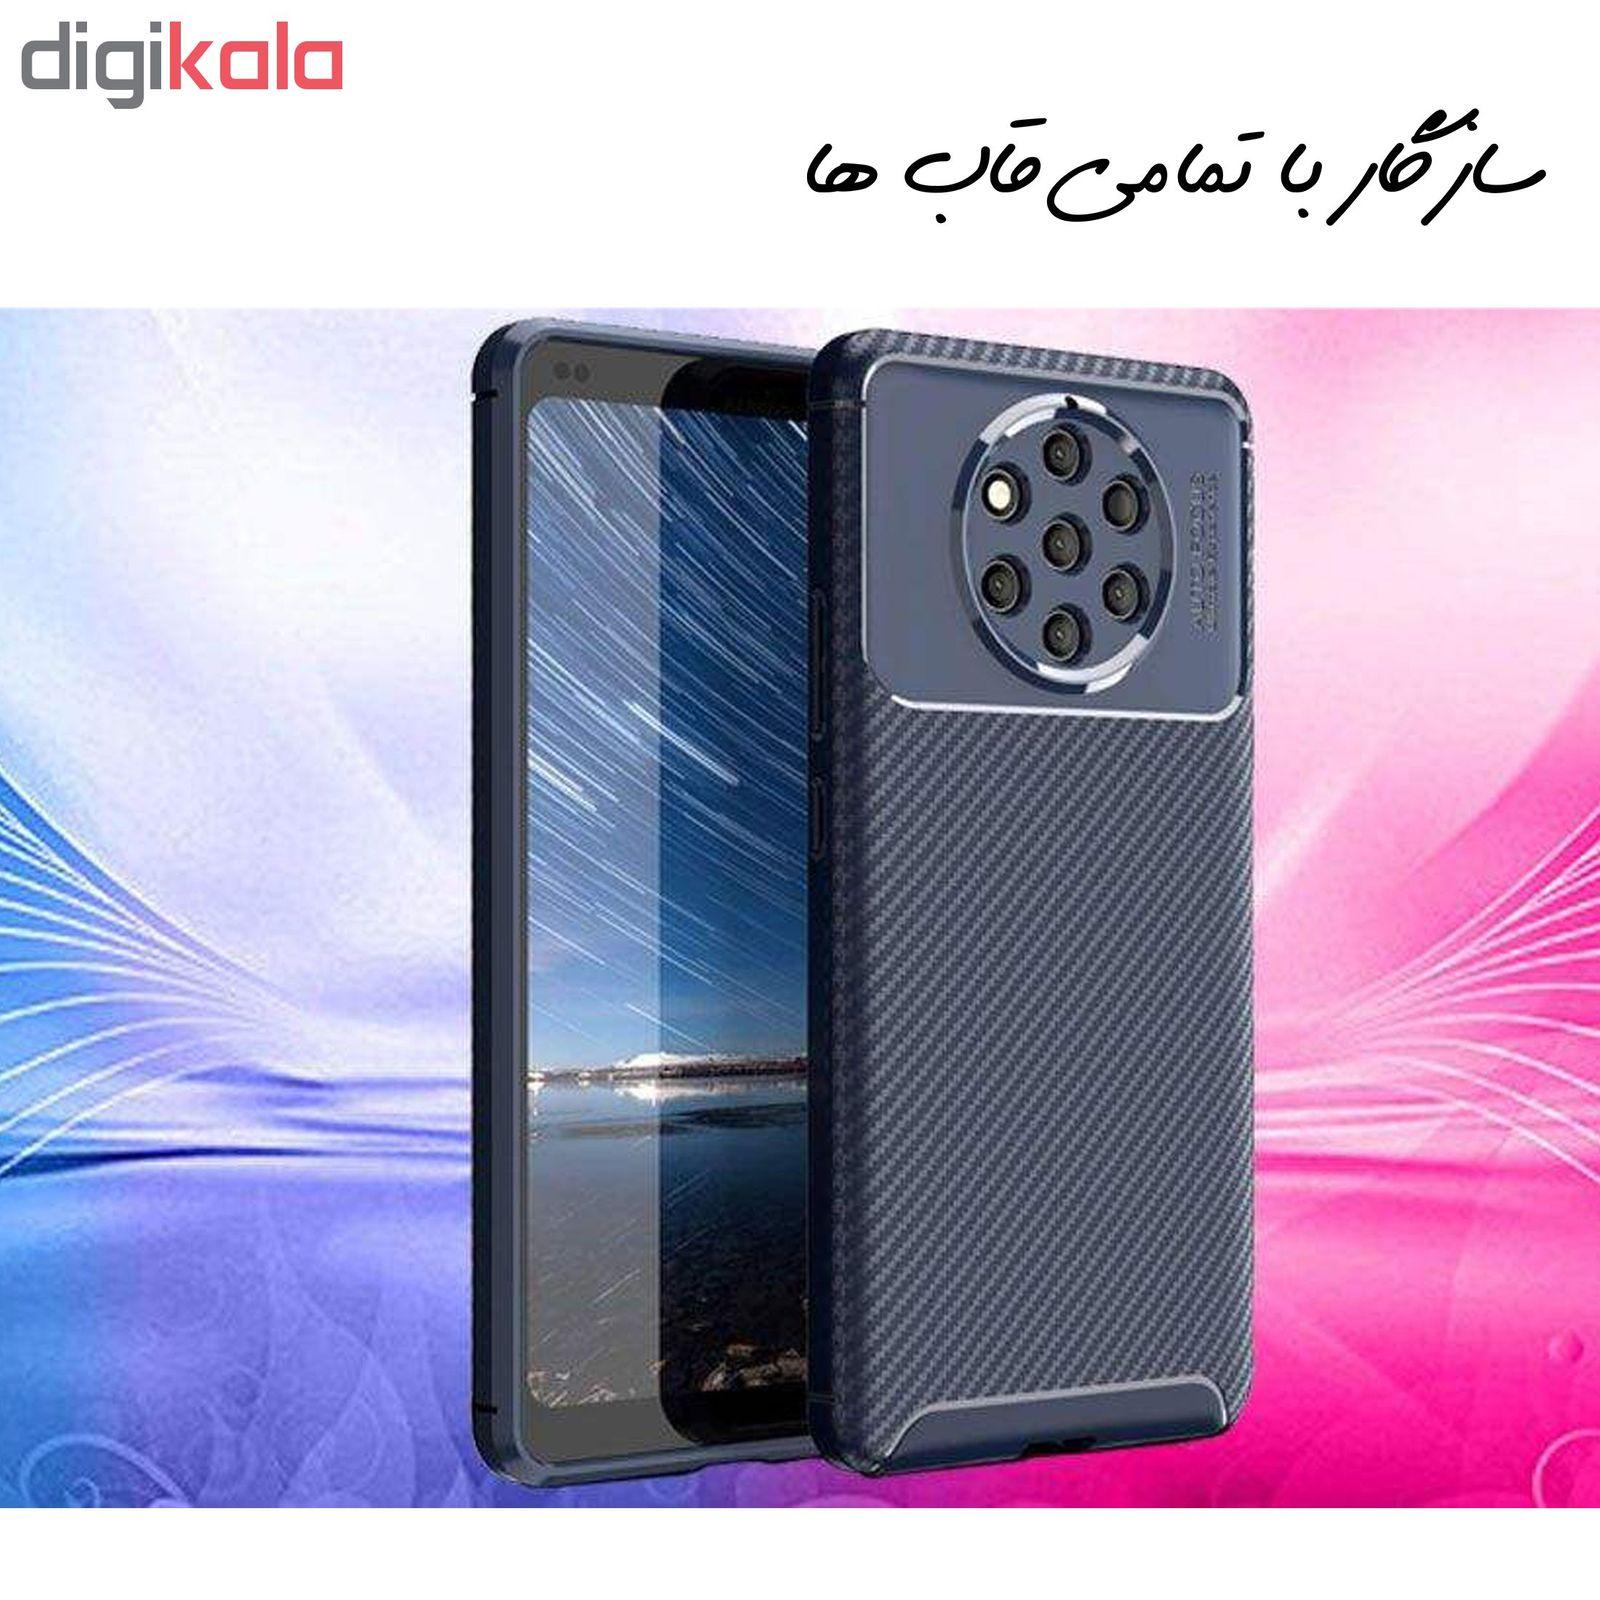 محافظ صفحه نمایش Hard and thick مدل F-01 مناسب برای گوشی موبایل سامسونگ Galaxy A80 main 1 5